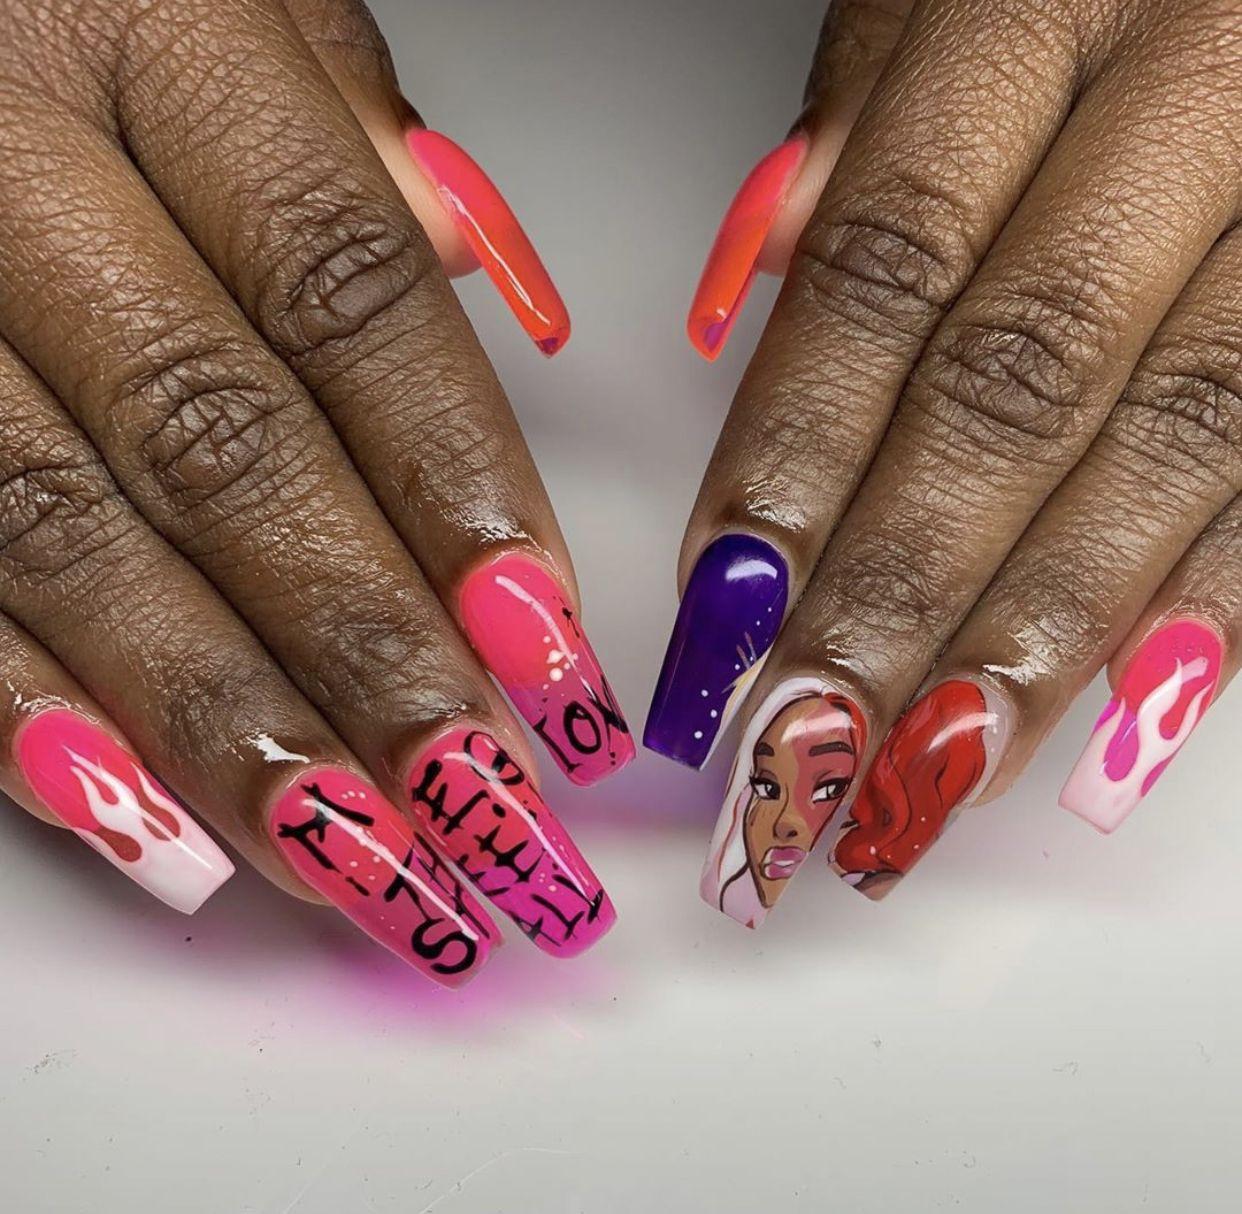 jasgotbars nails how to do nails acrylic nails nails how to do nails acrylic nails